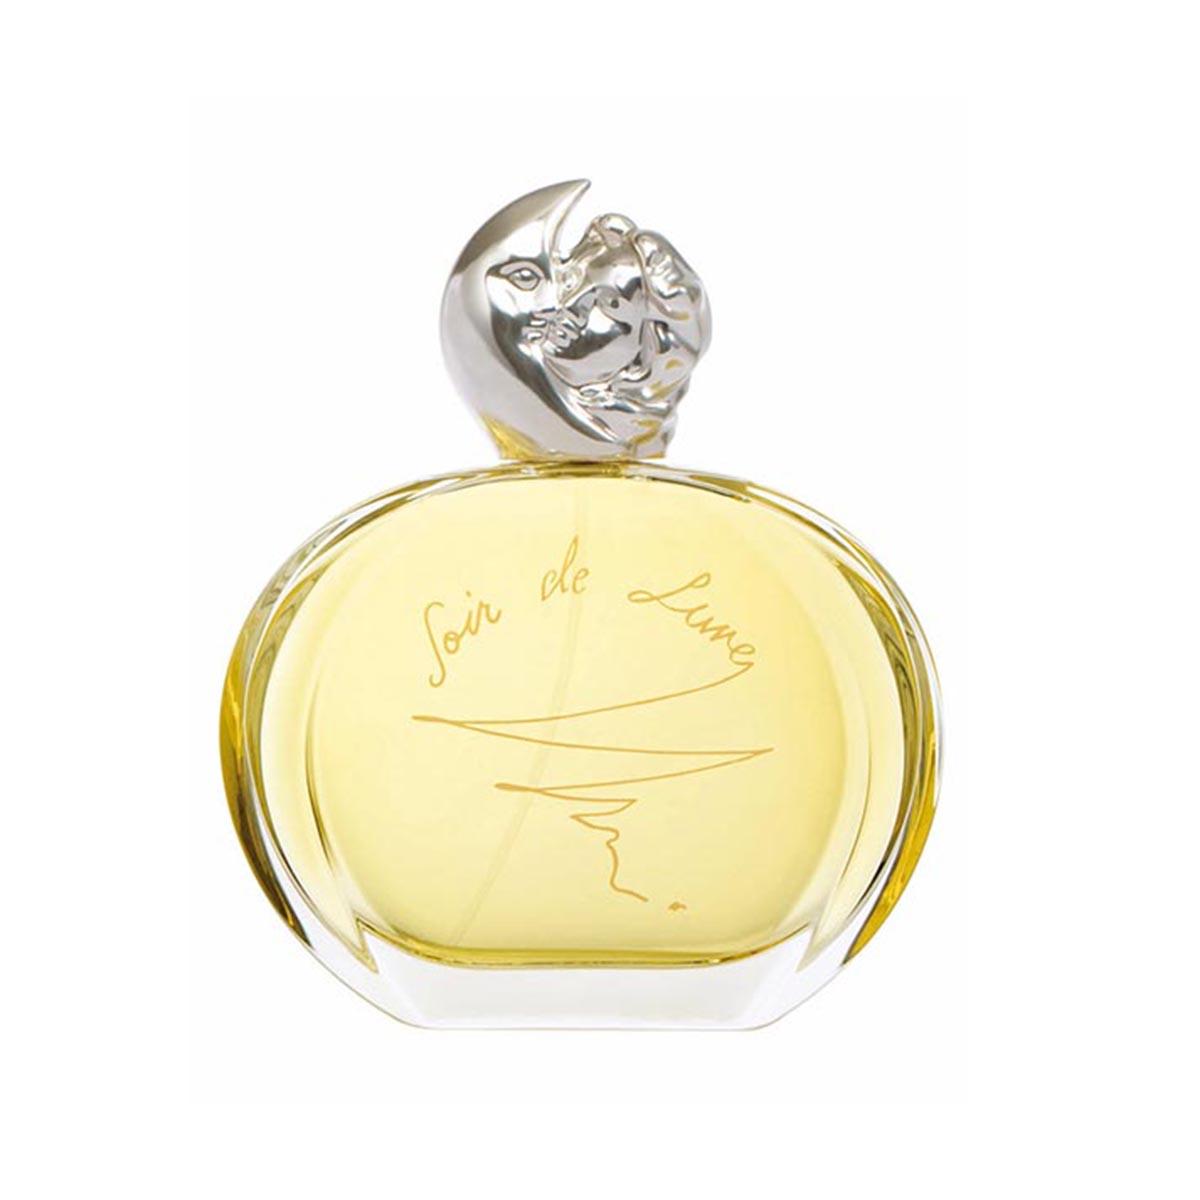 Sisley soir de lune eau de parfum 100ml vaporizador